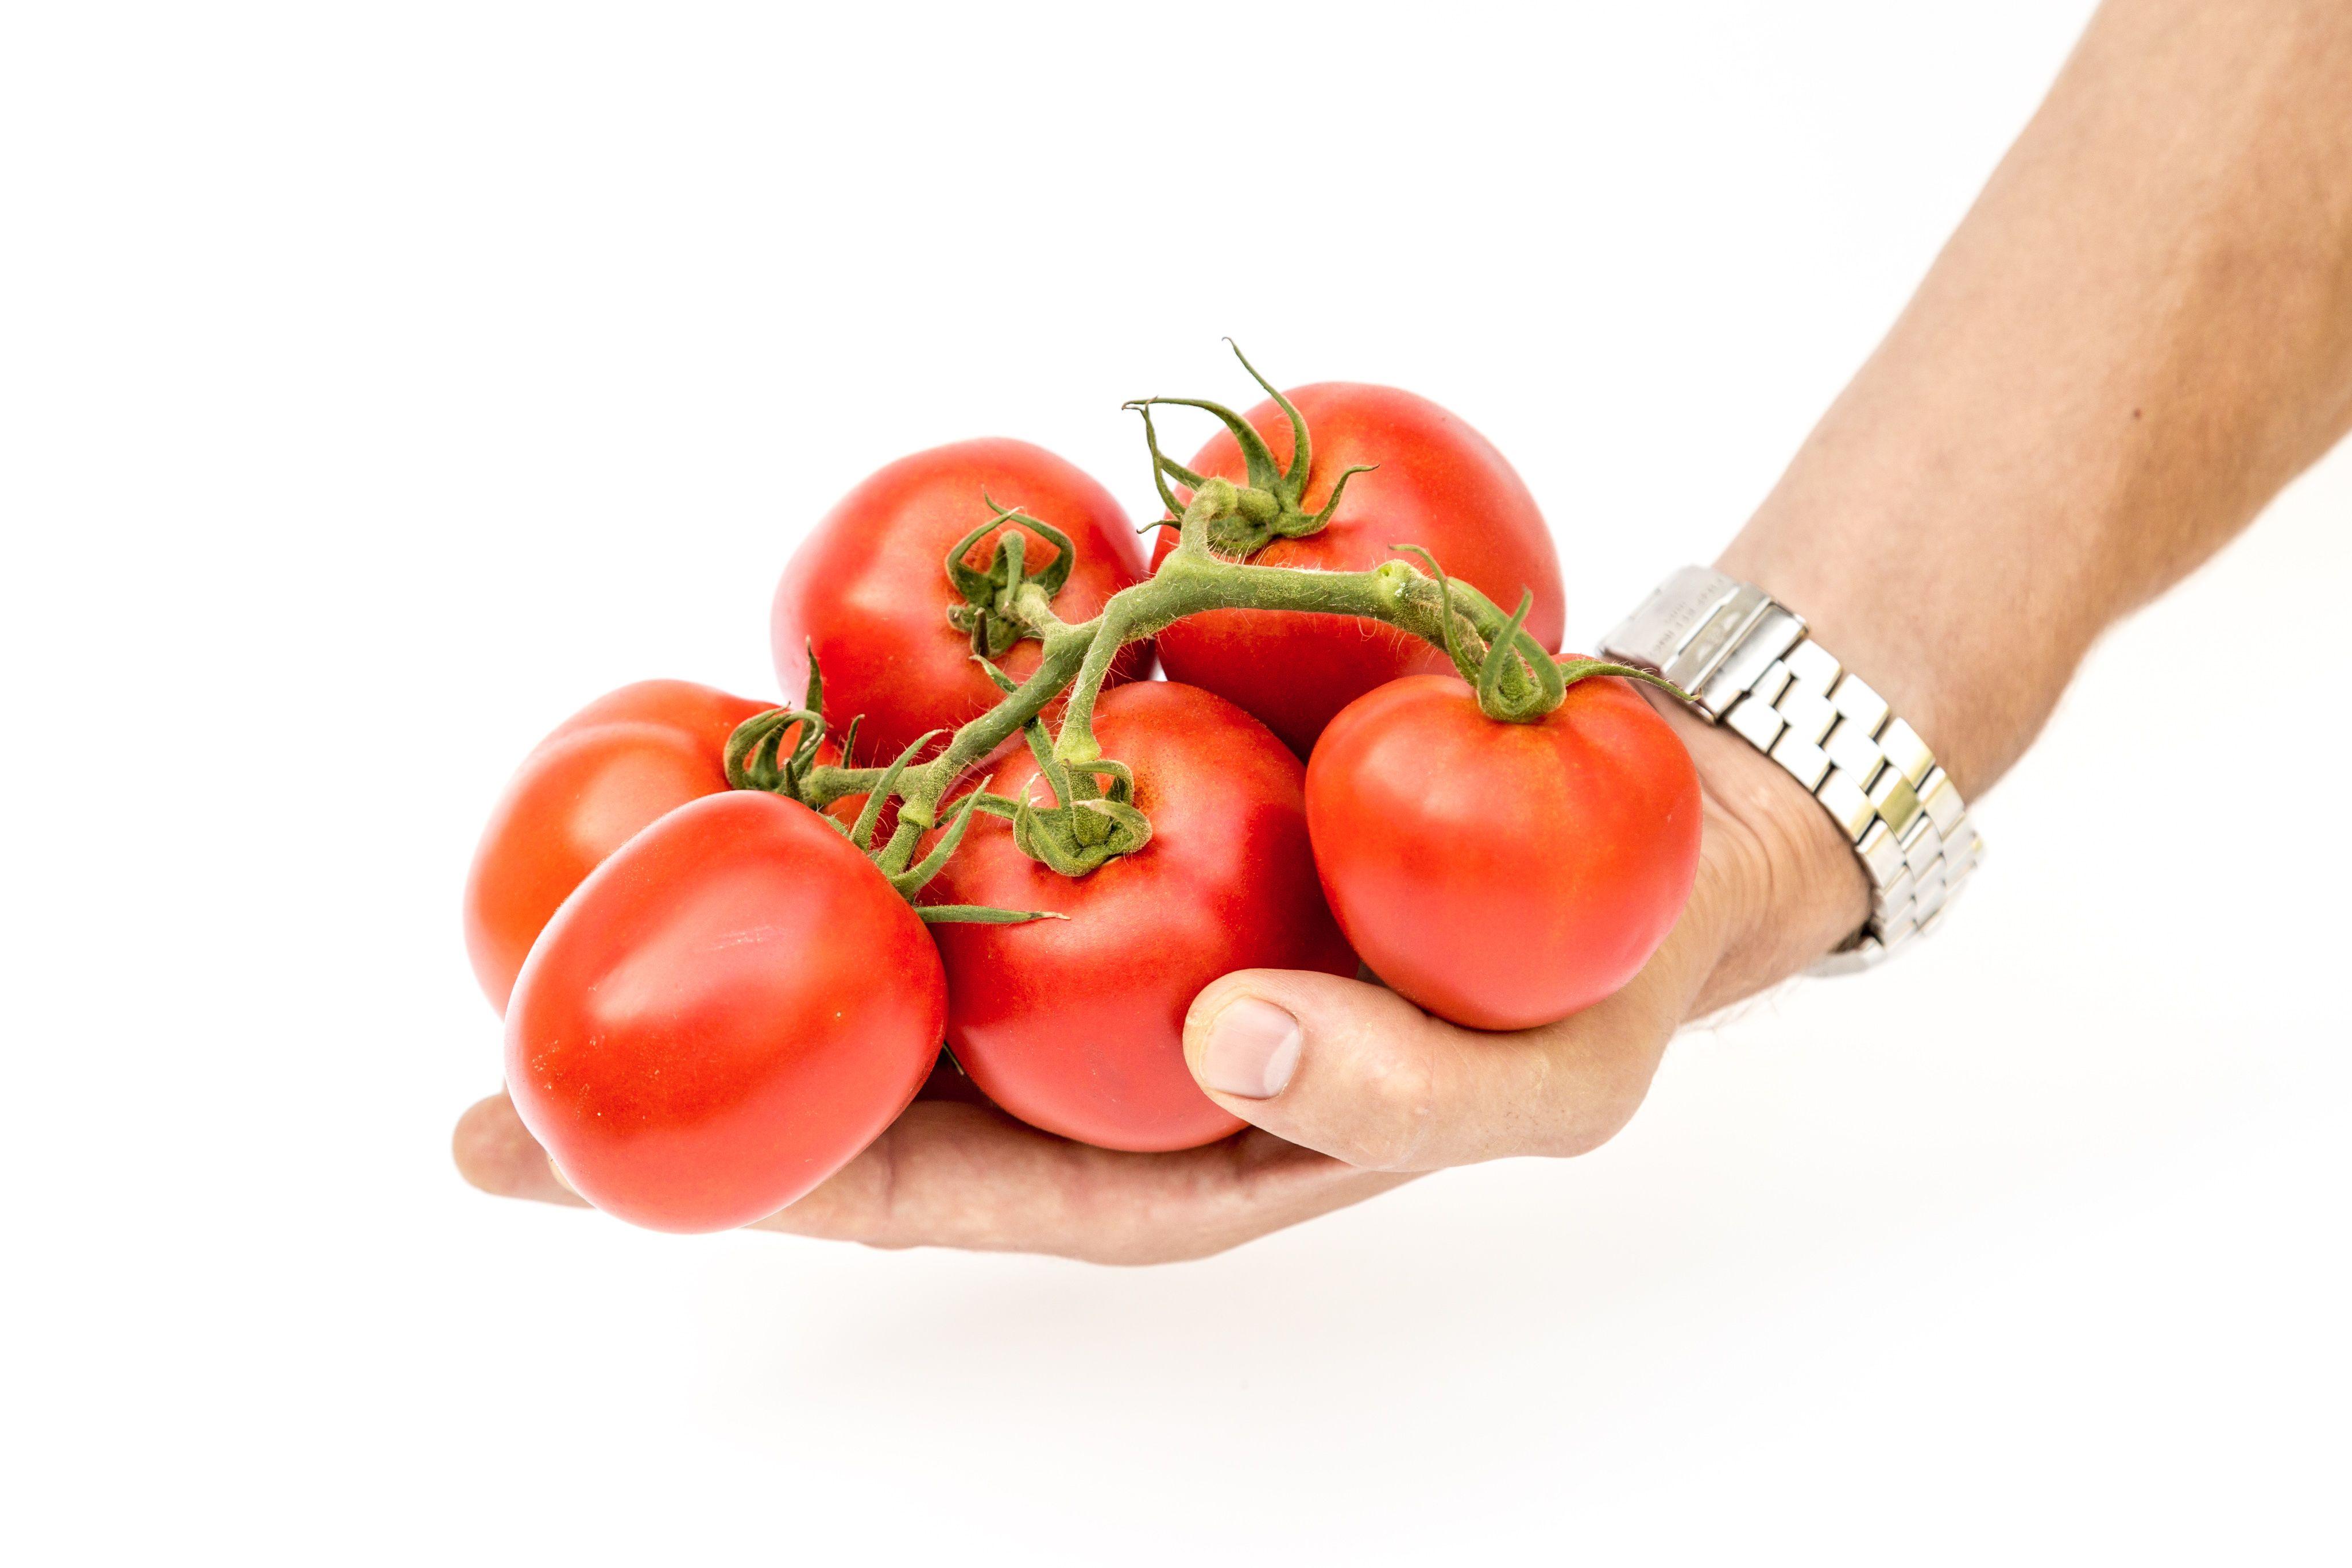 семена партнер в самаре купить